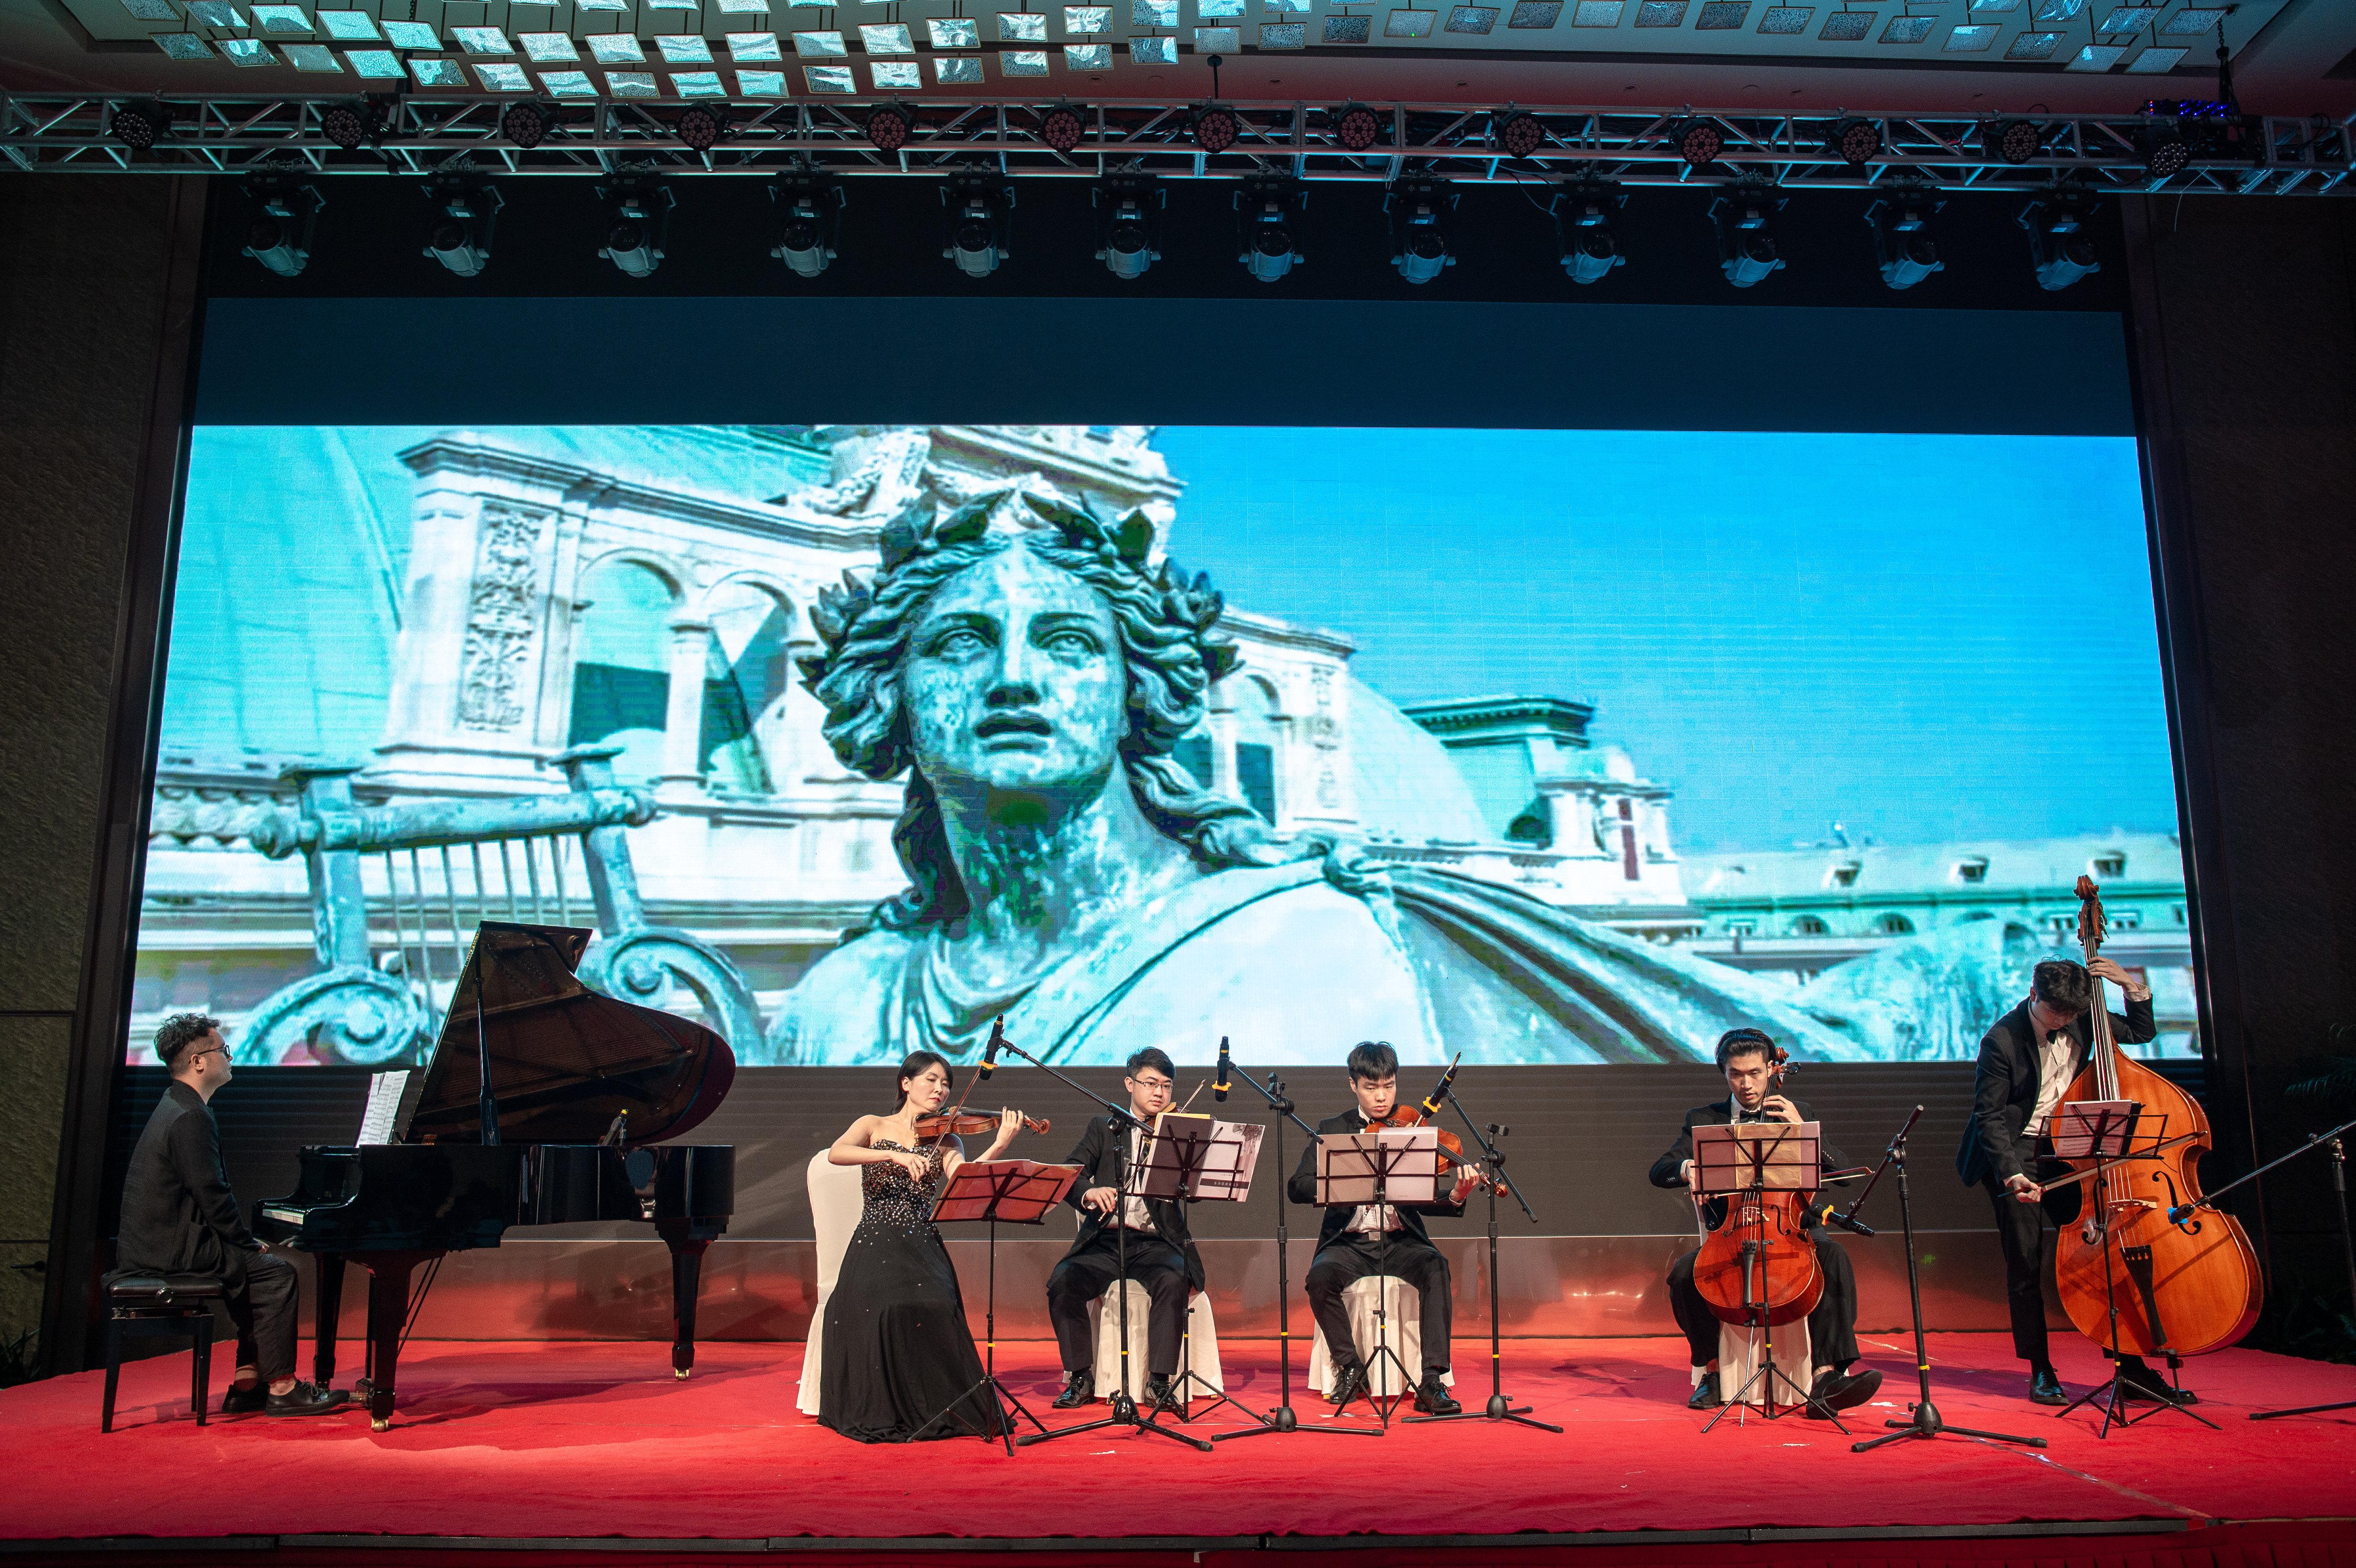 金华宏悦第二届胎教公益音乐会在婺城大地奏响幸福旋律